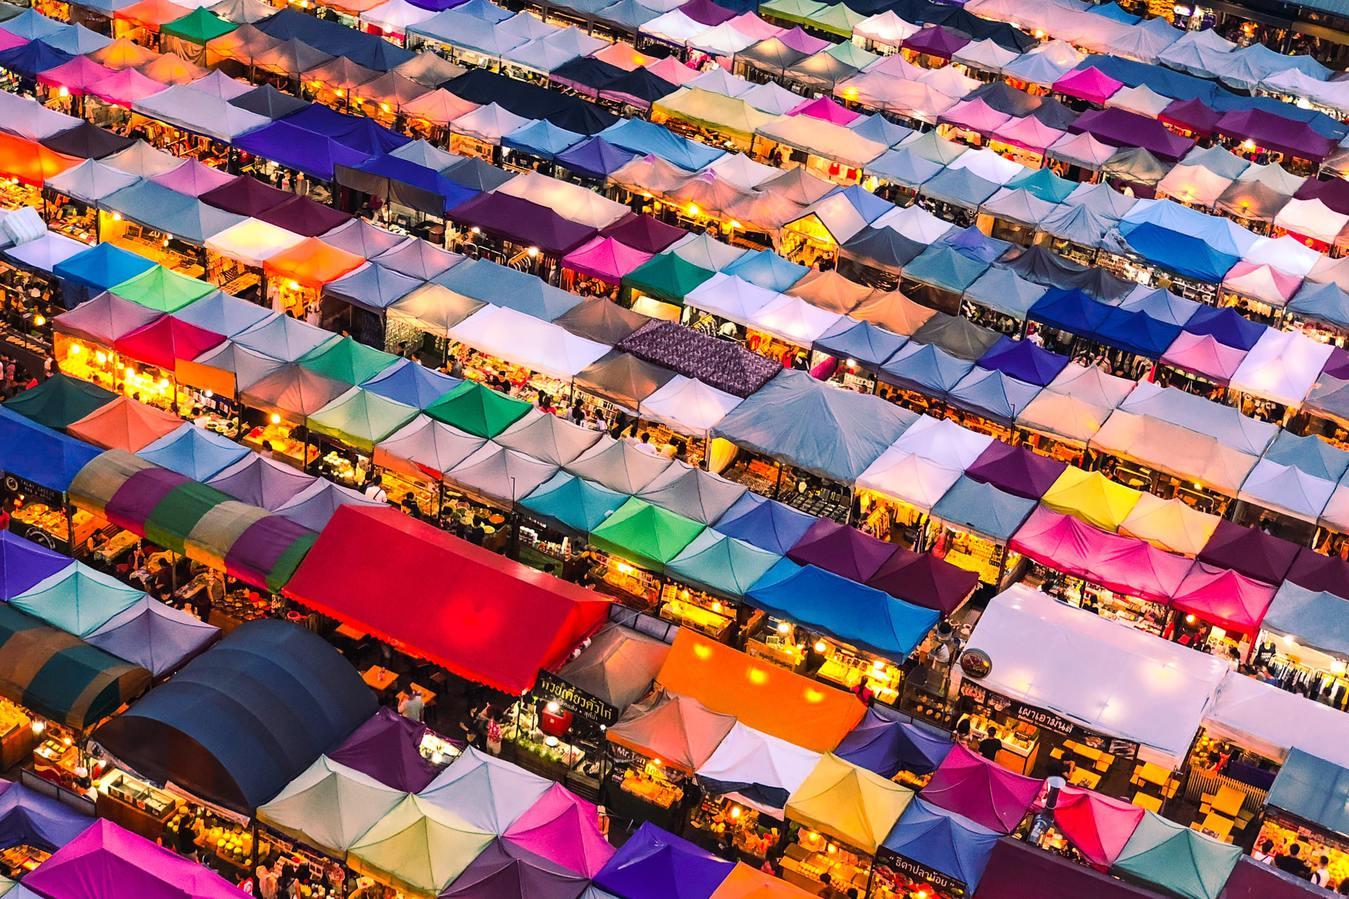 Tentes colorées dans un marché